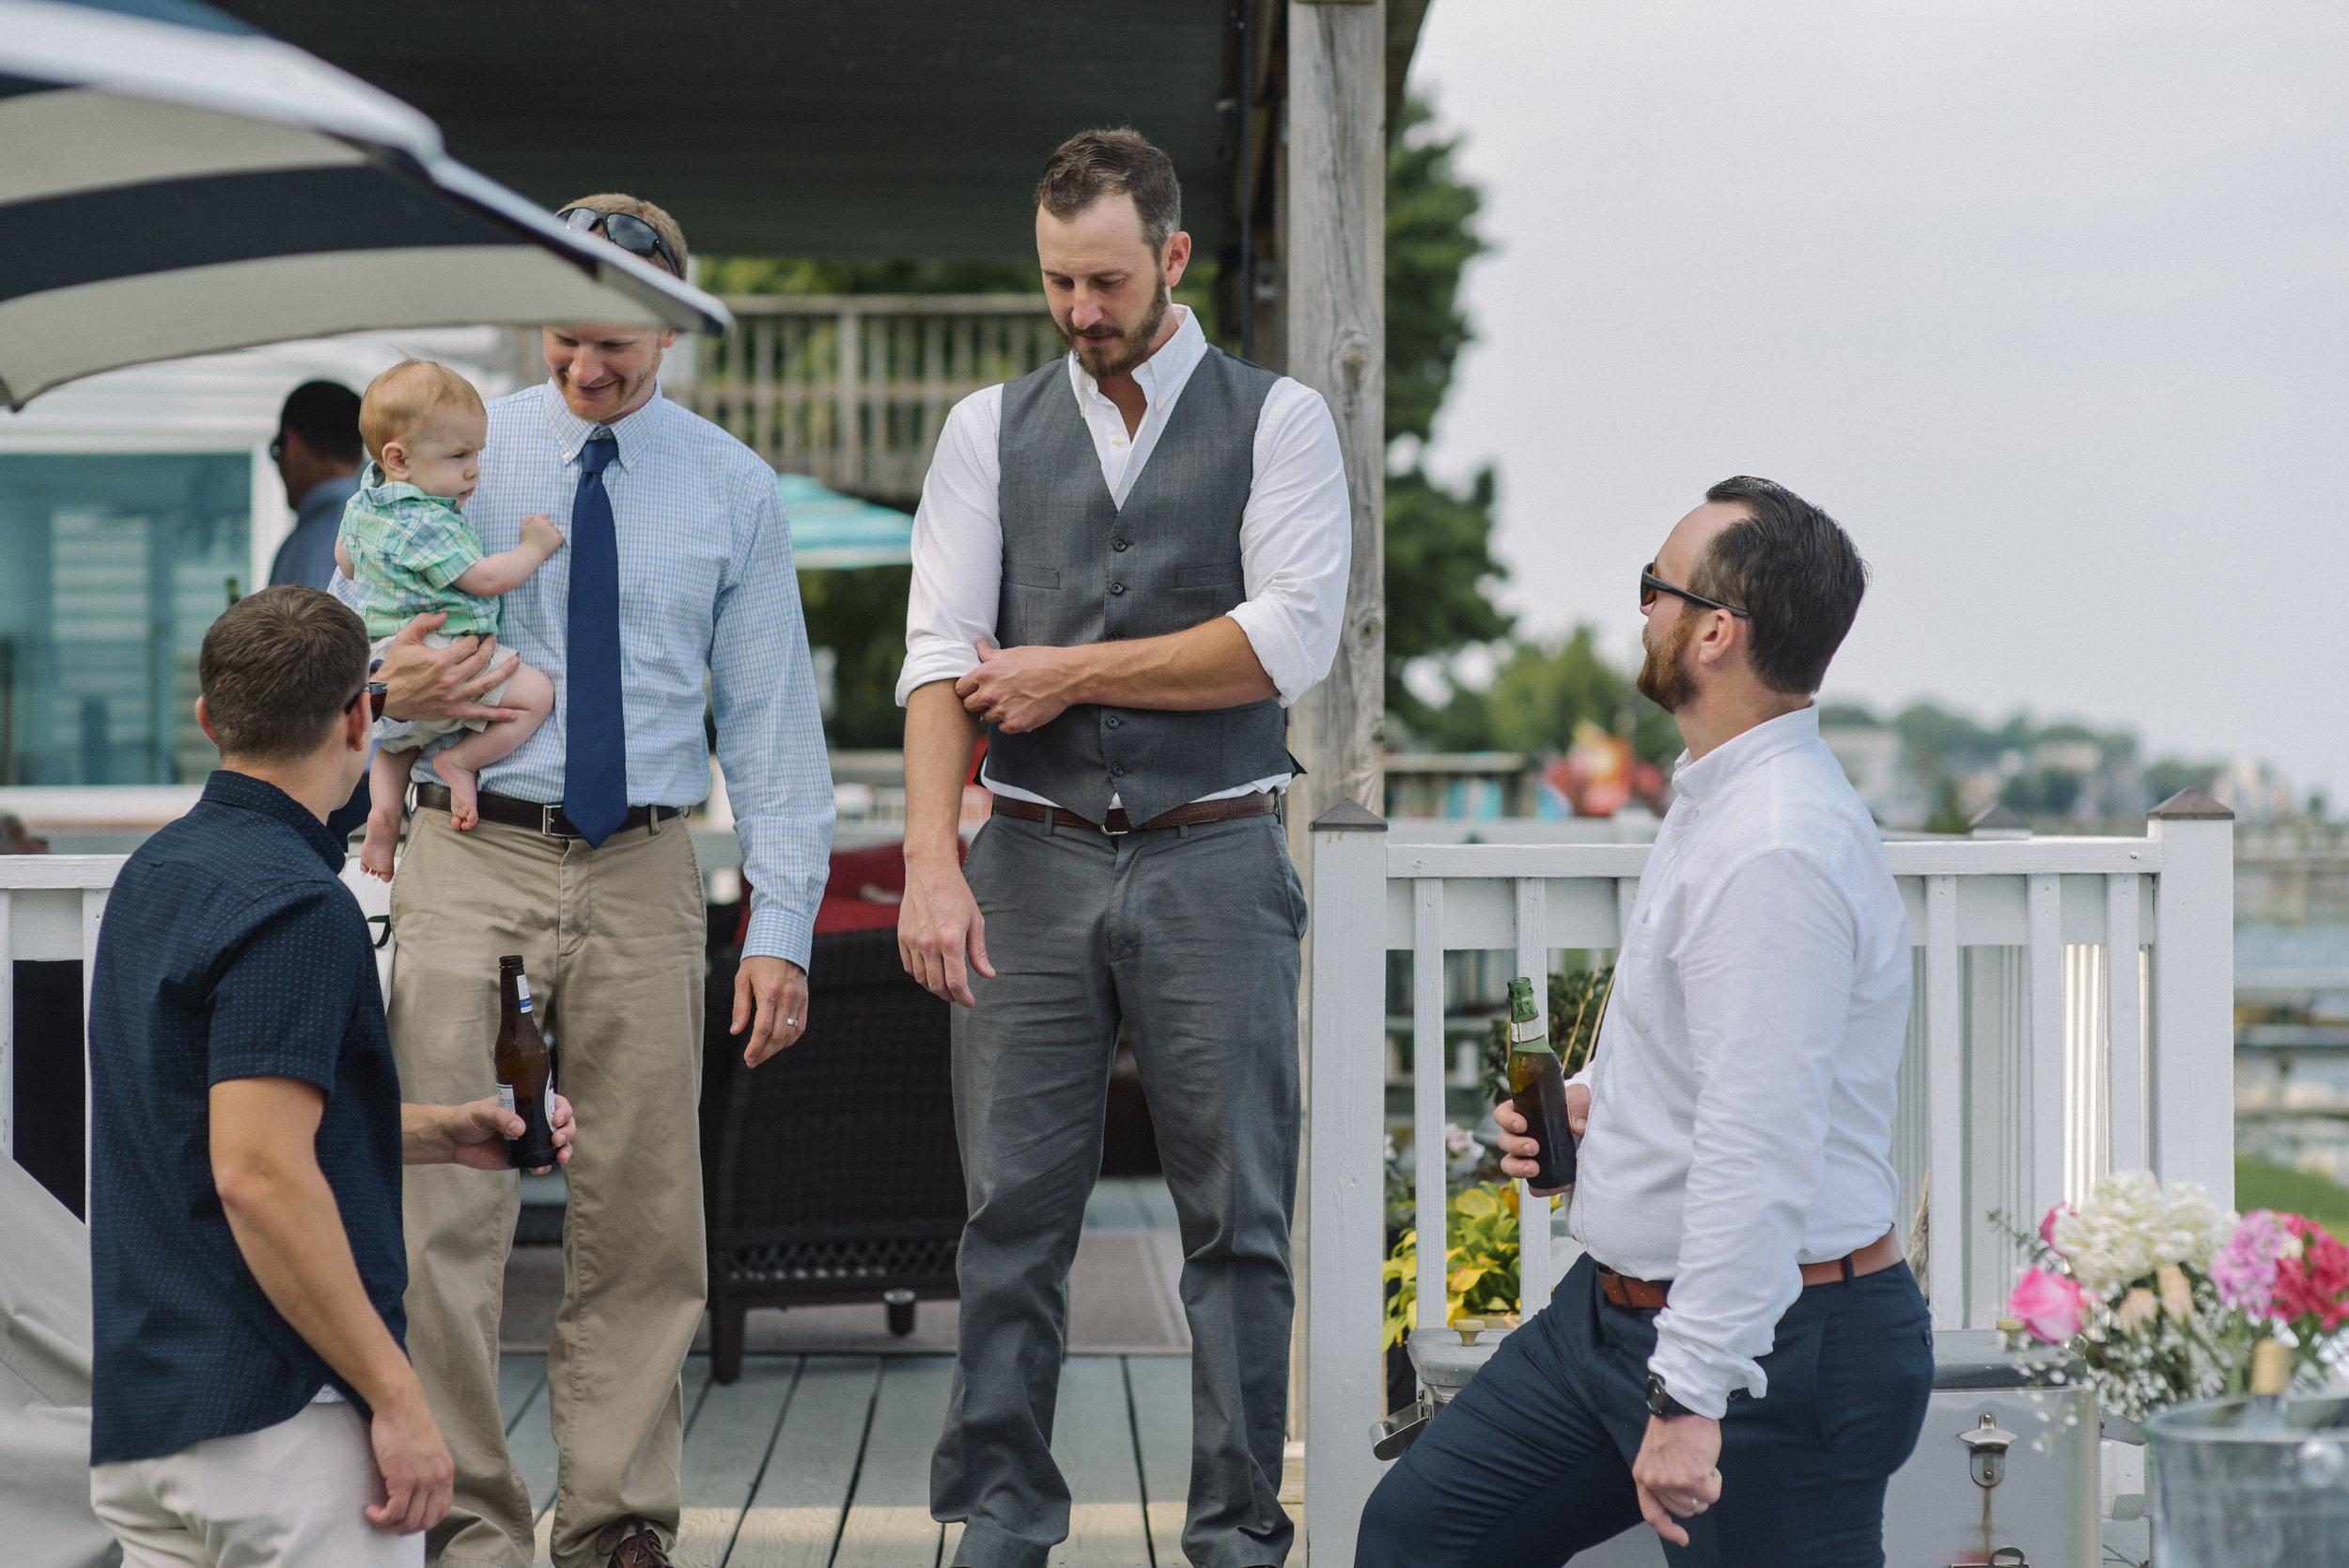 chesapeake_beach_backyard_wedding-18.jpg